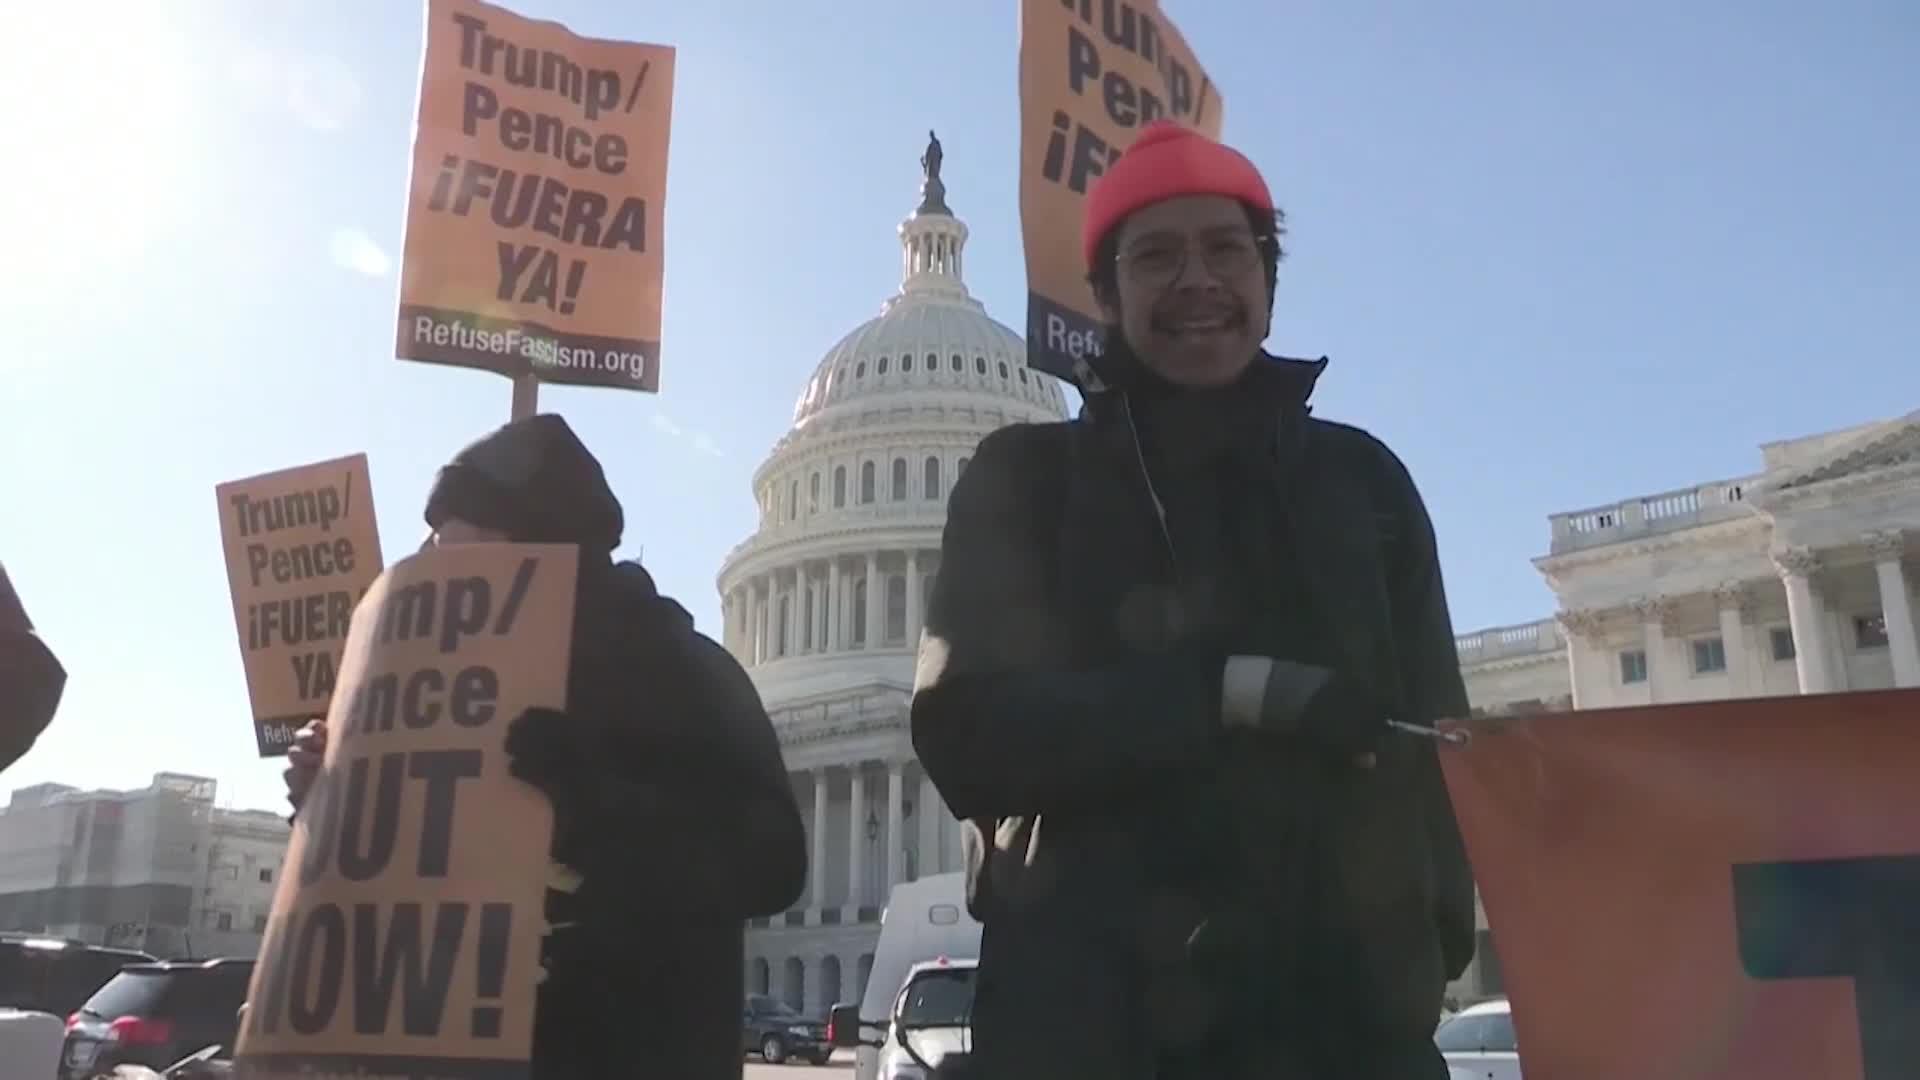 EE.UU: Manifestantes piden la destitución a Trump